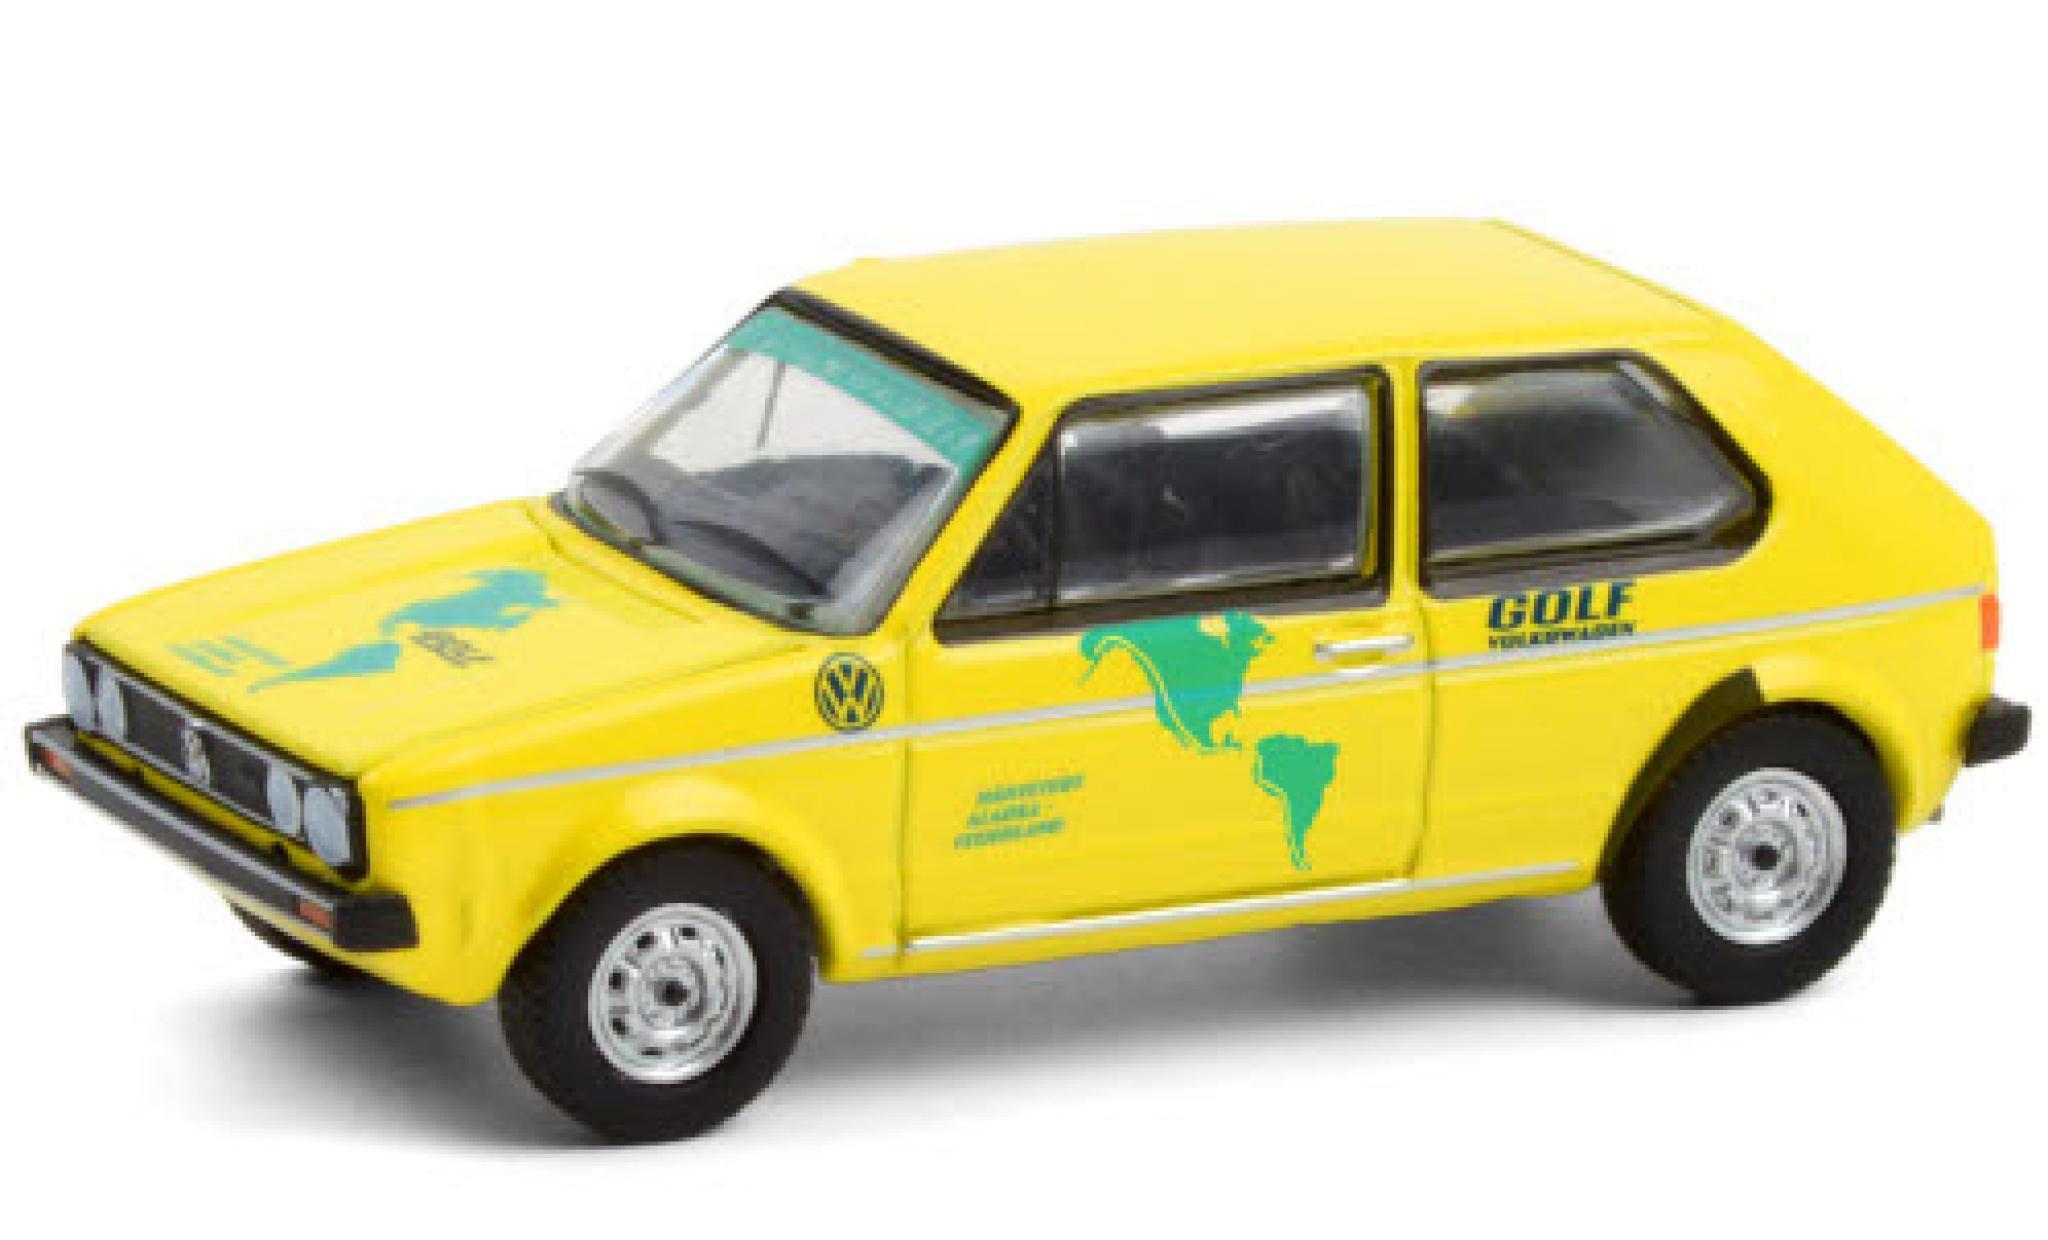 Volkswagen Golf 1/64 Greenlight I jaune/Dekor 1974 Härtetest: Alaska - Feuerland